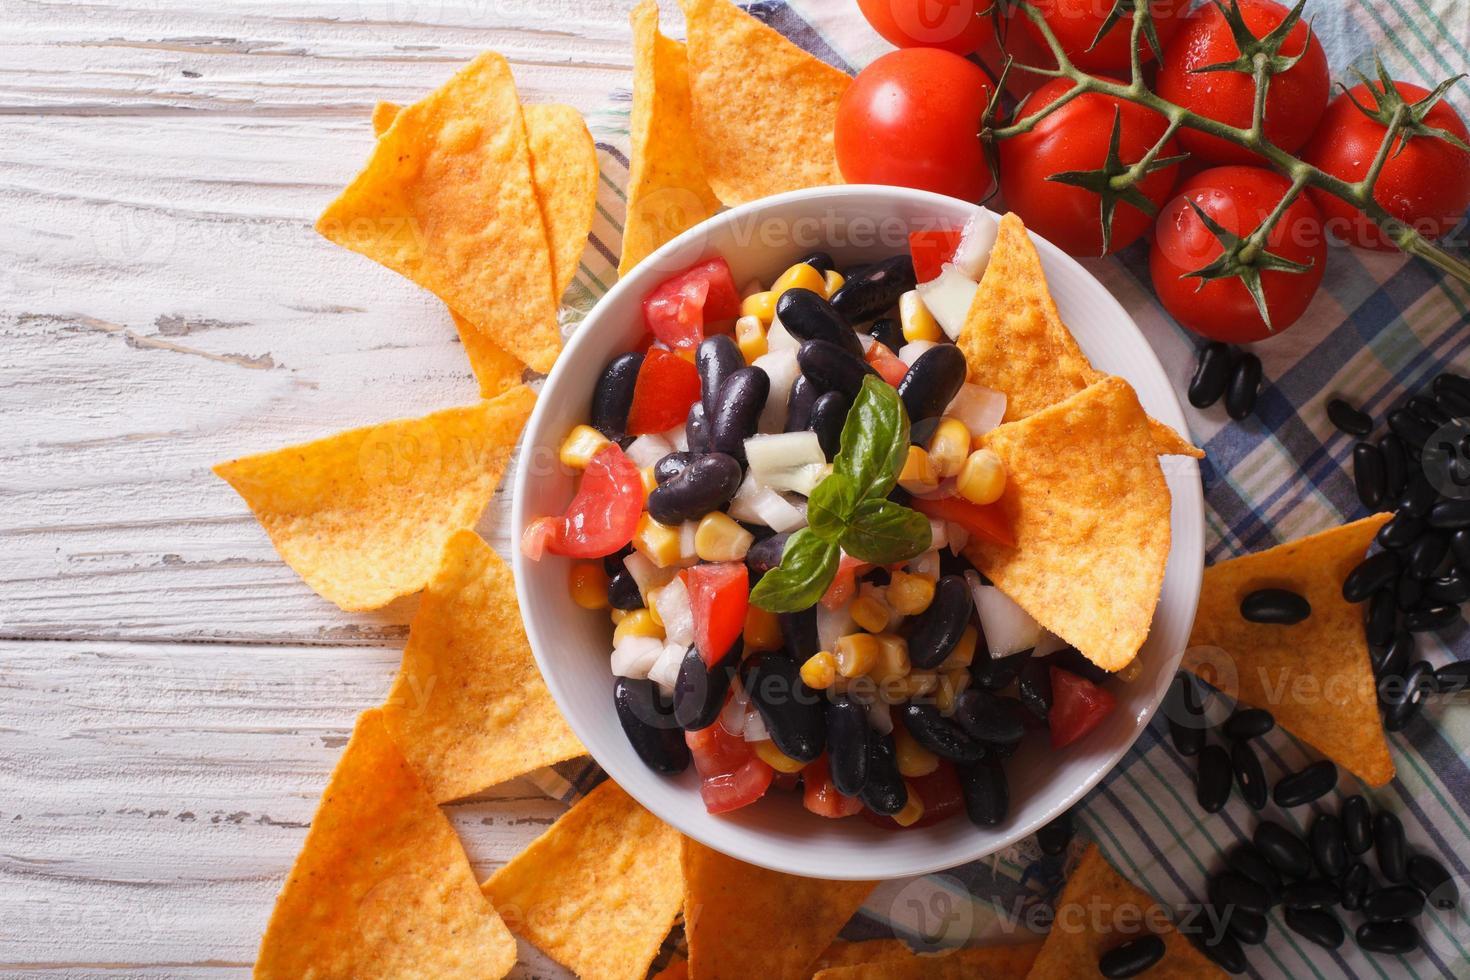 salsa messicana con fagioli e nachos di patatine fritte. piano orizzontale foto